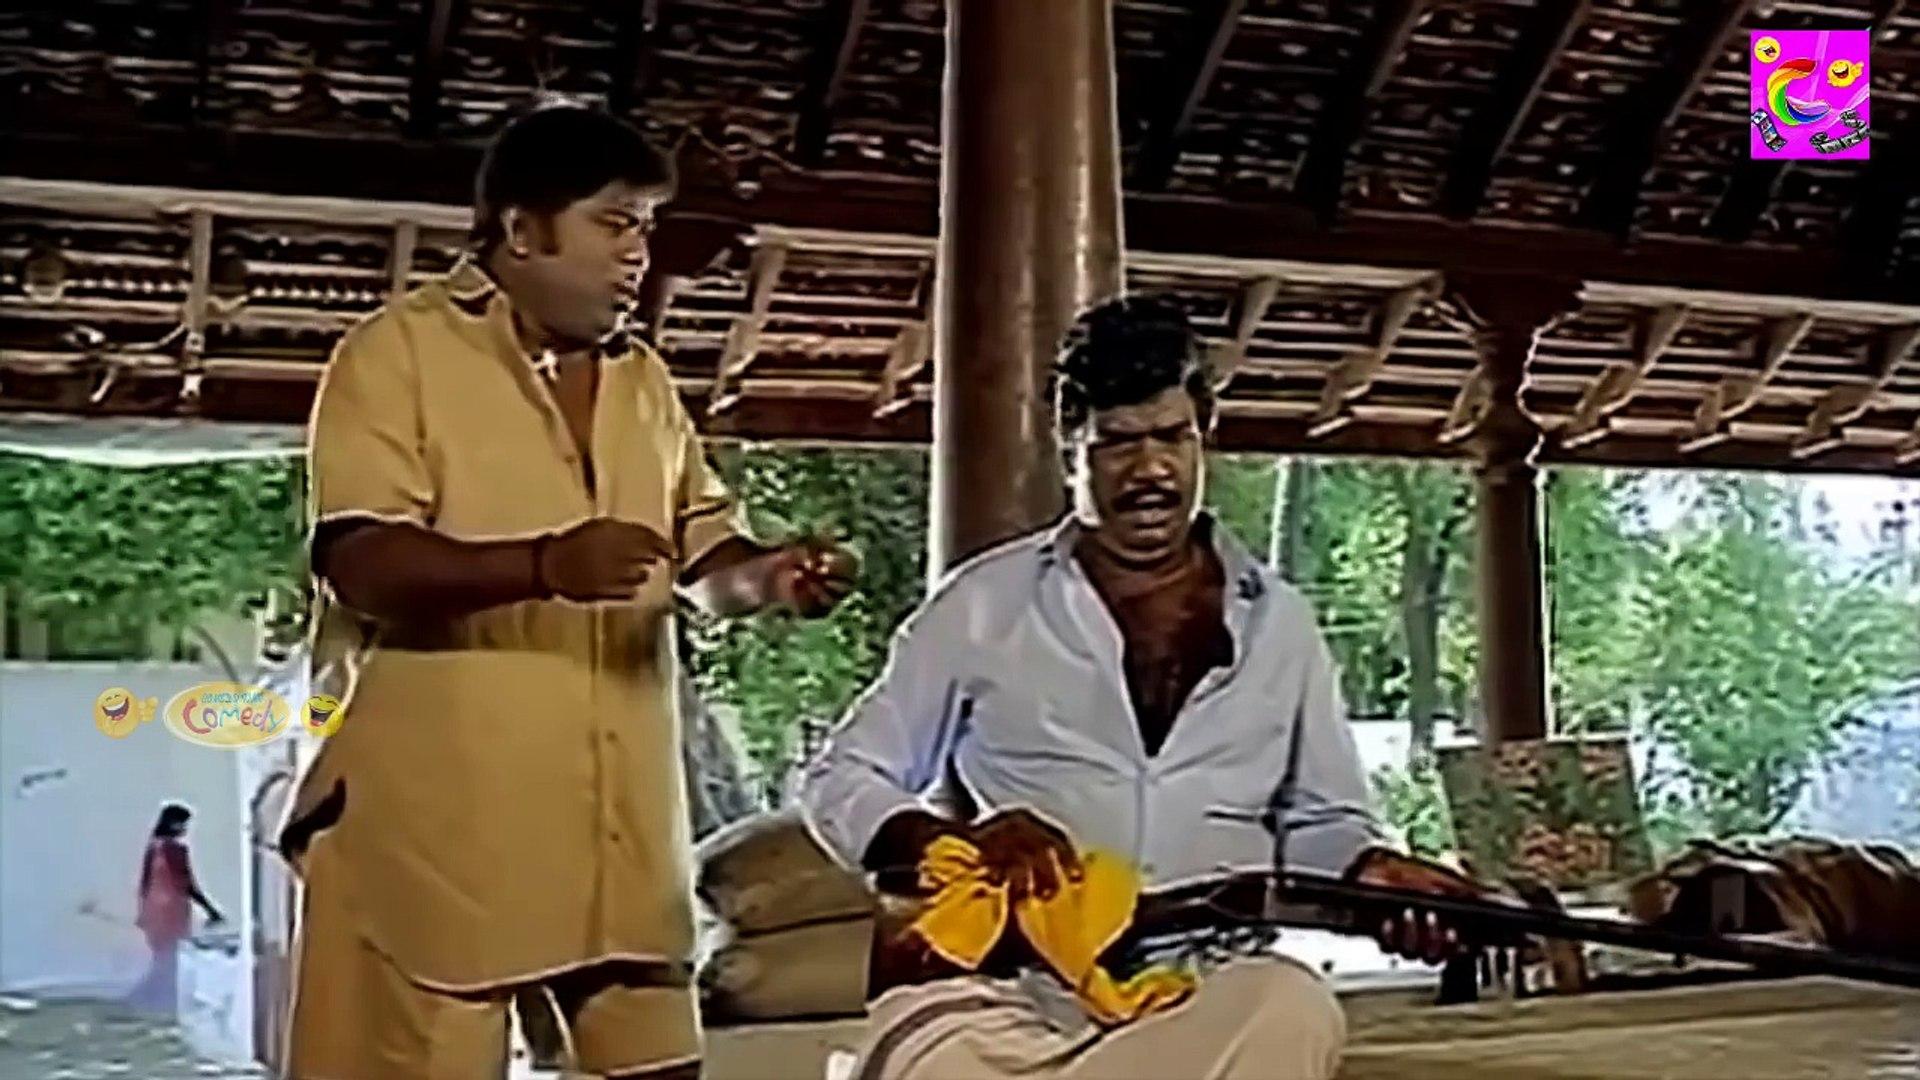 Goundamani Senthil Rare Comedy Collection Tamil Comedy Scenes  Goundamani Senthil Funny Comedy Video